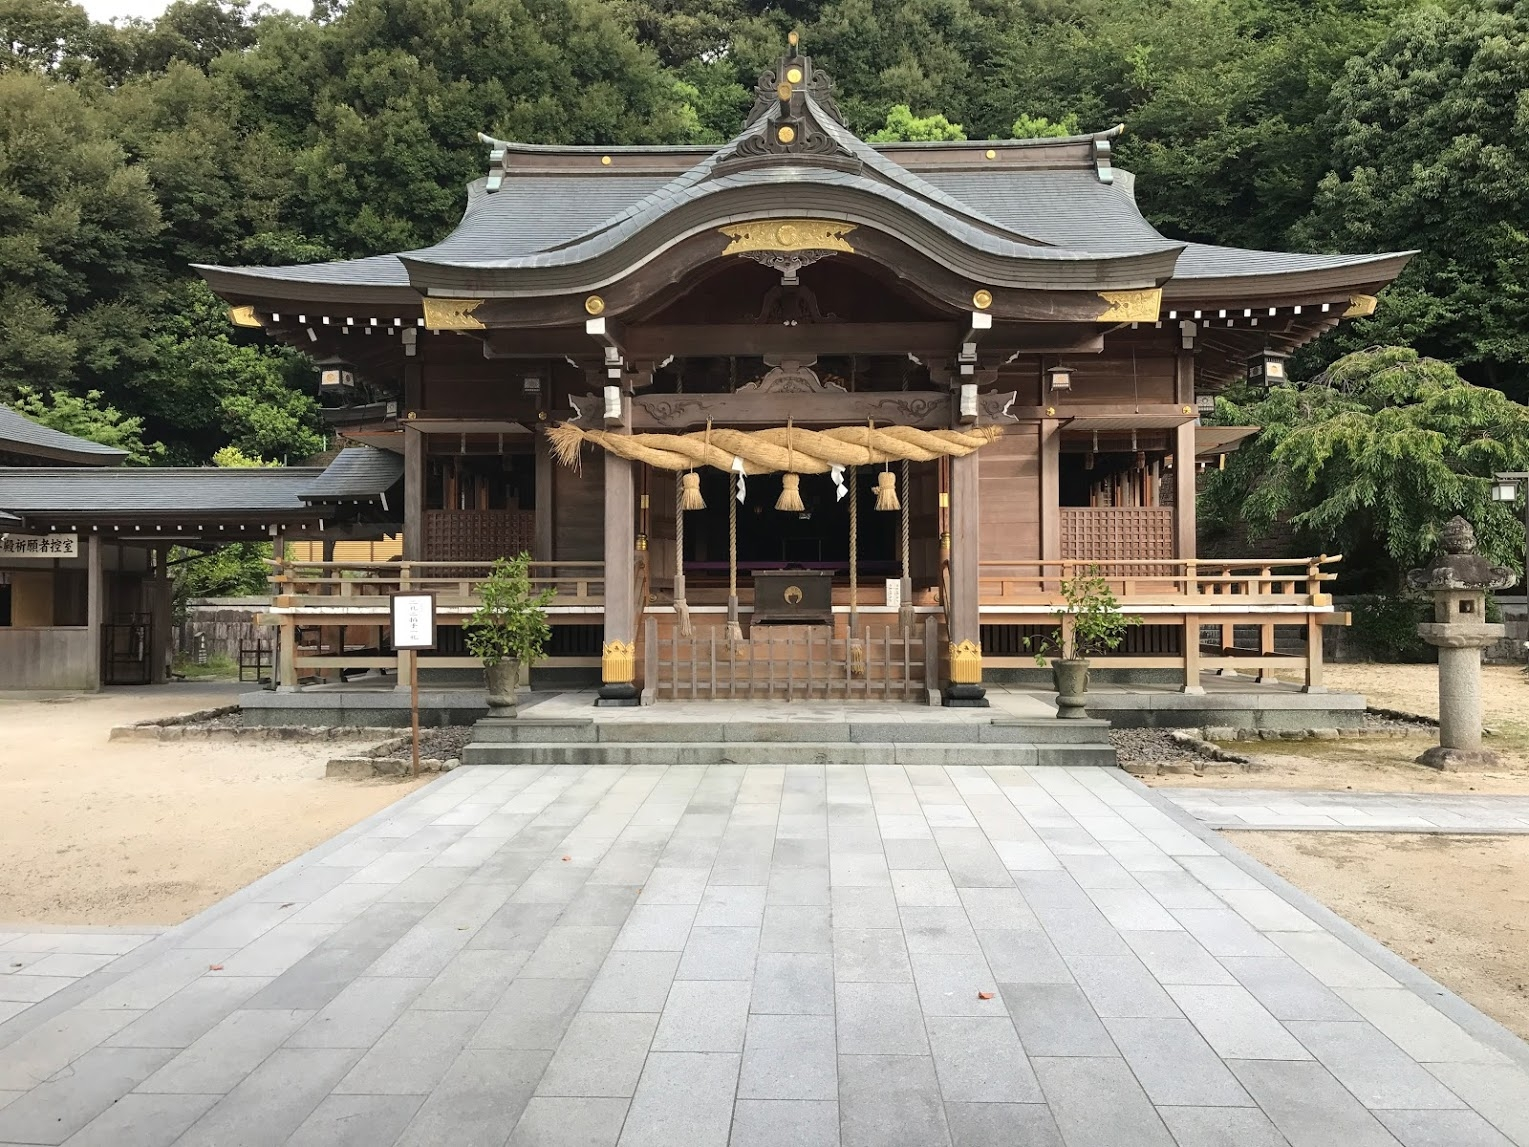 福岡県(春日市)・春日神社